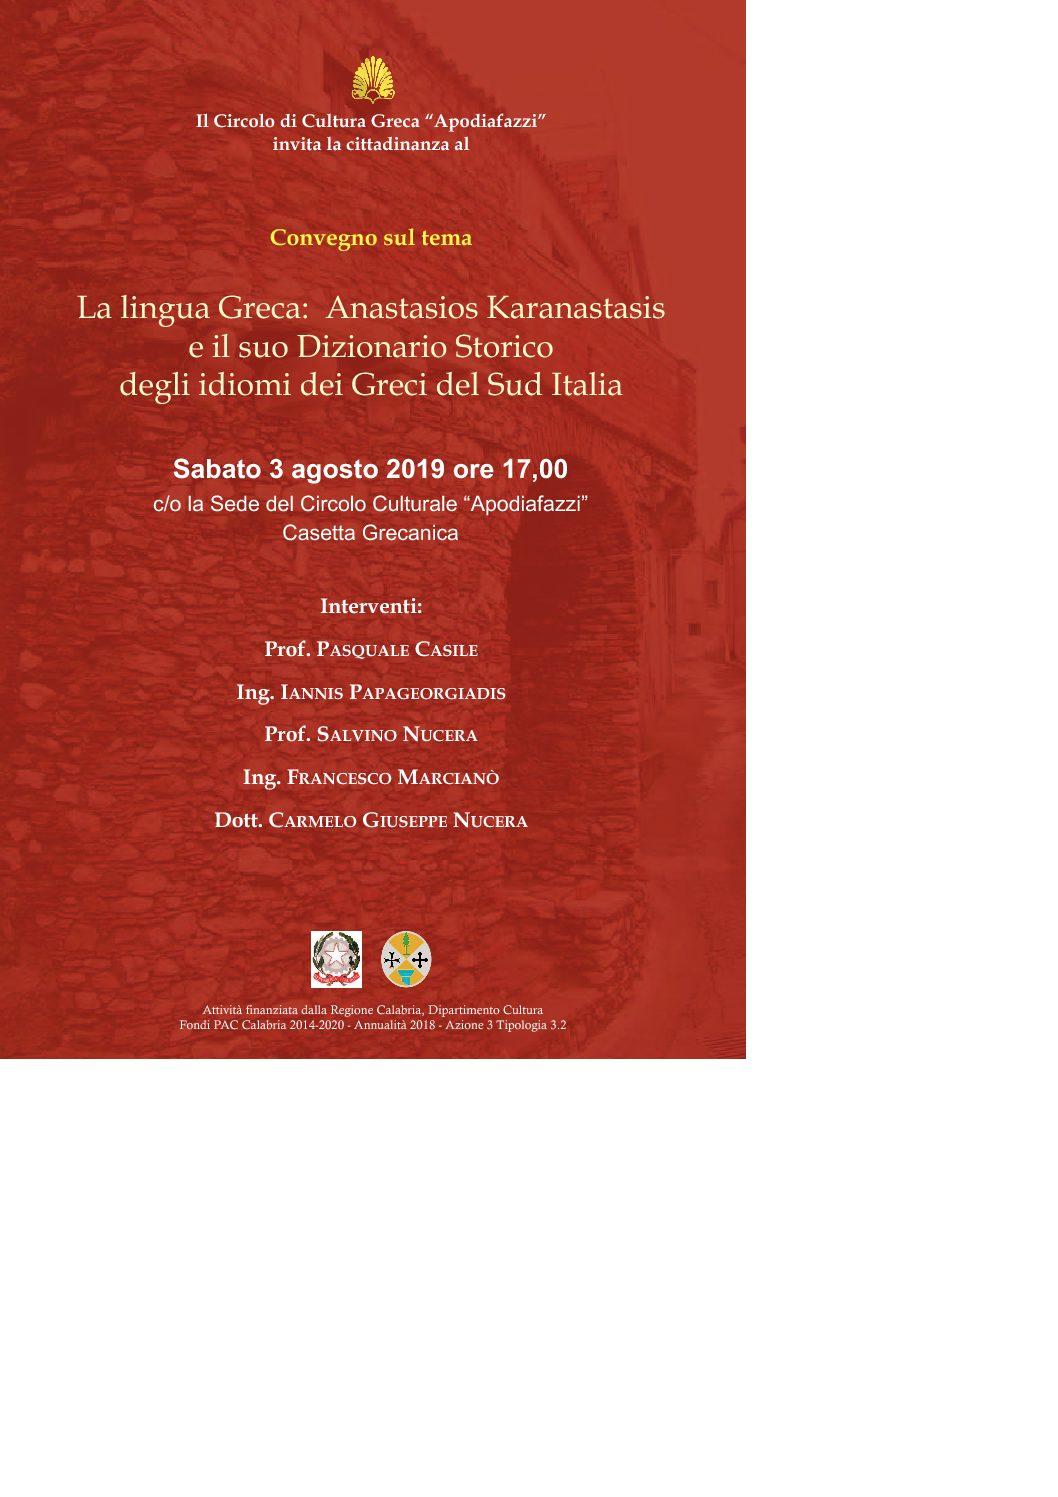 La lingua Greca: Anastasios Karanastasis e il suo Dizionario Storico degli idiomi dei Greci del Sud Italia